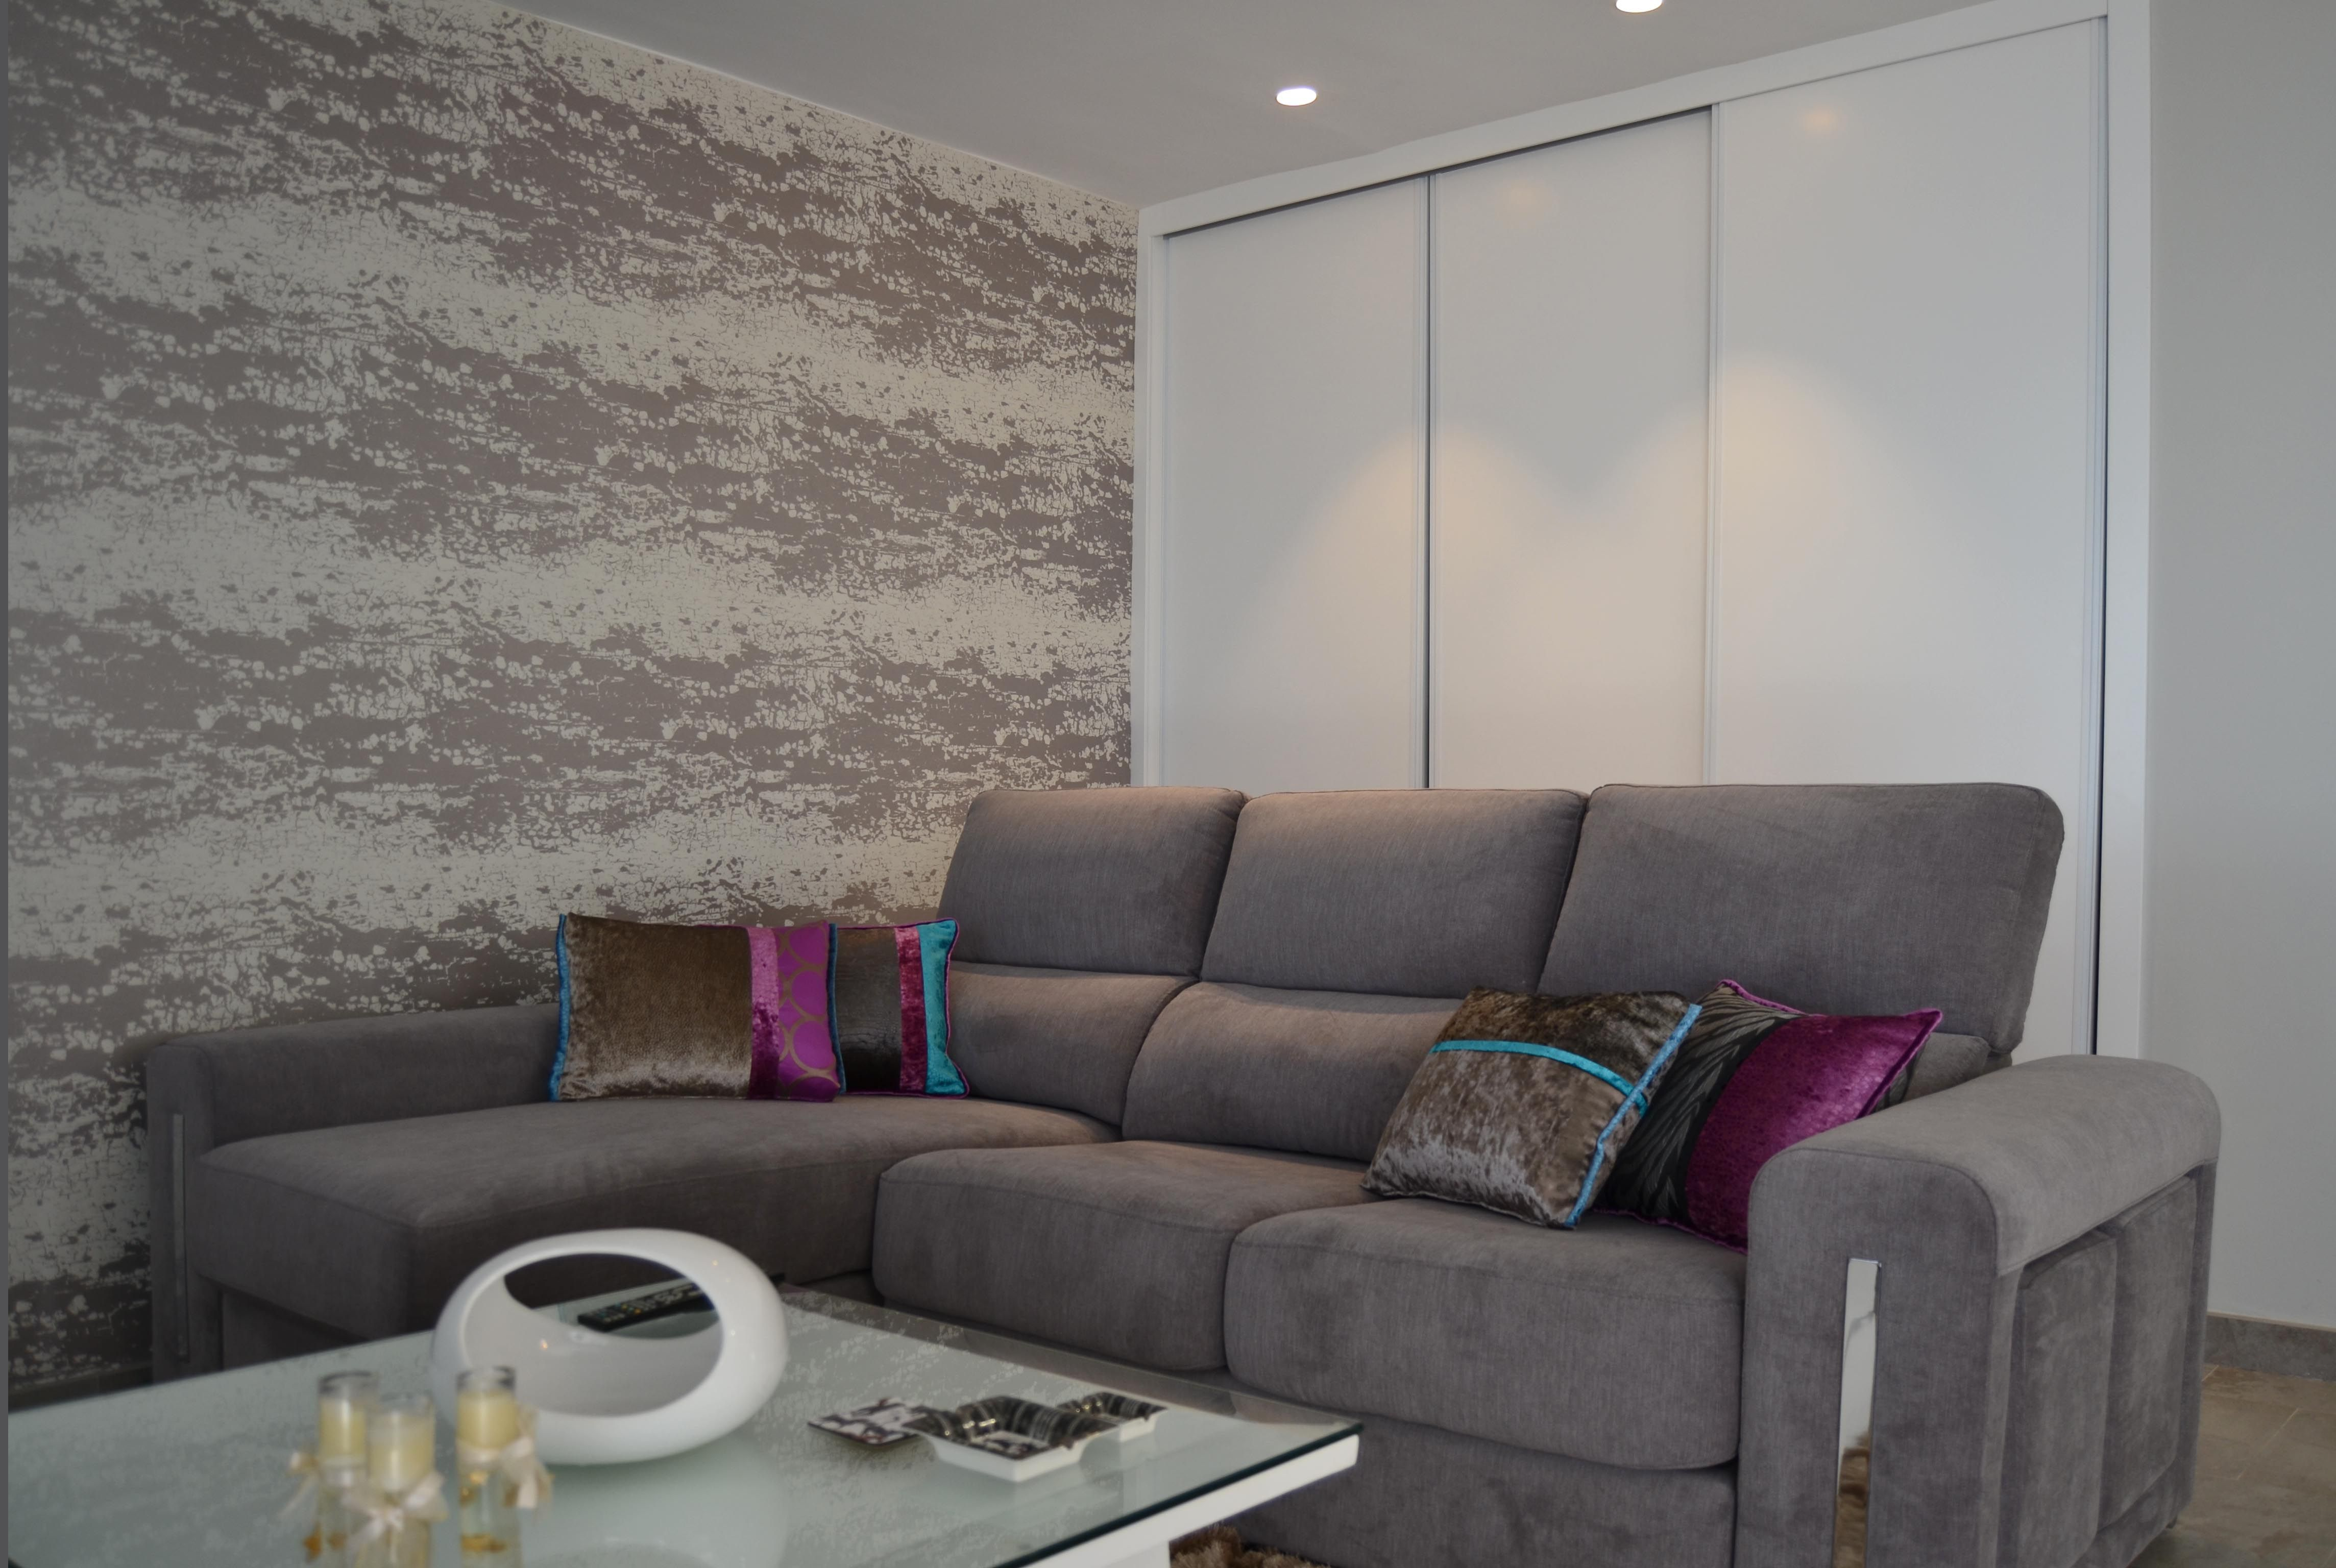 Un sof chaise longue con cojines de distintas texturas y - Cojines de salon ...